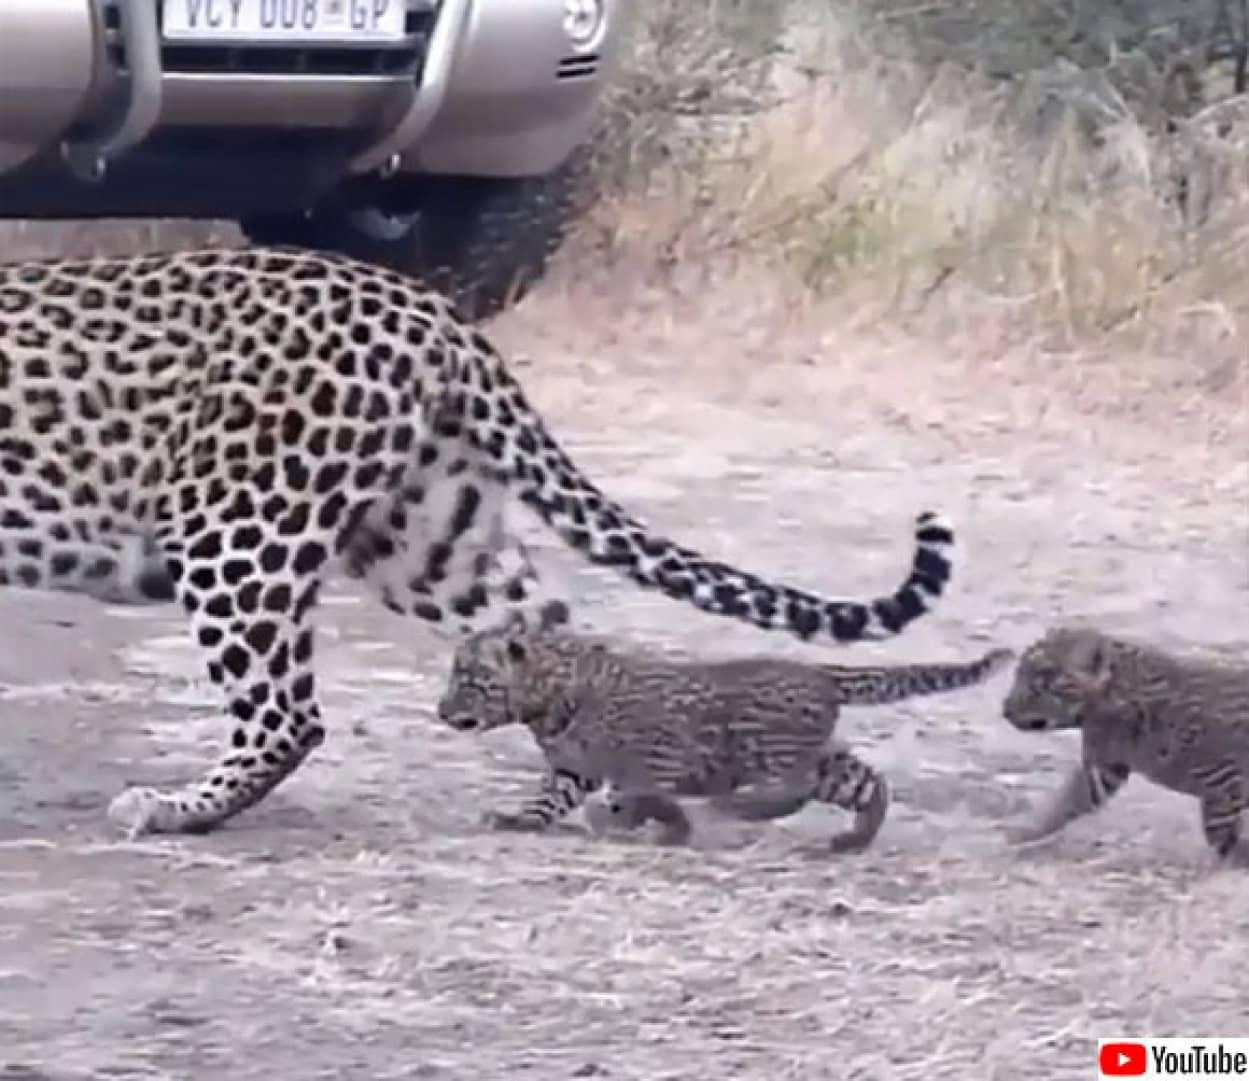 ヒョウの親子の道路渡りレクチャー